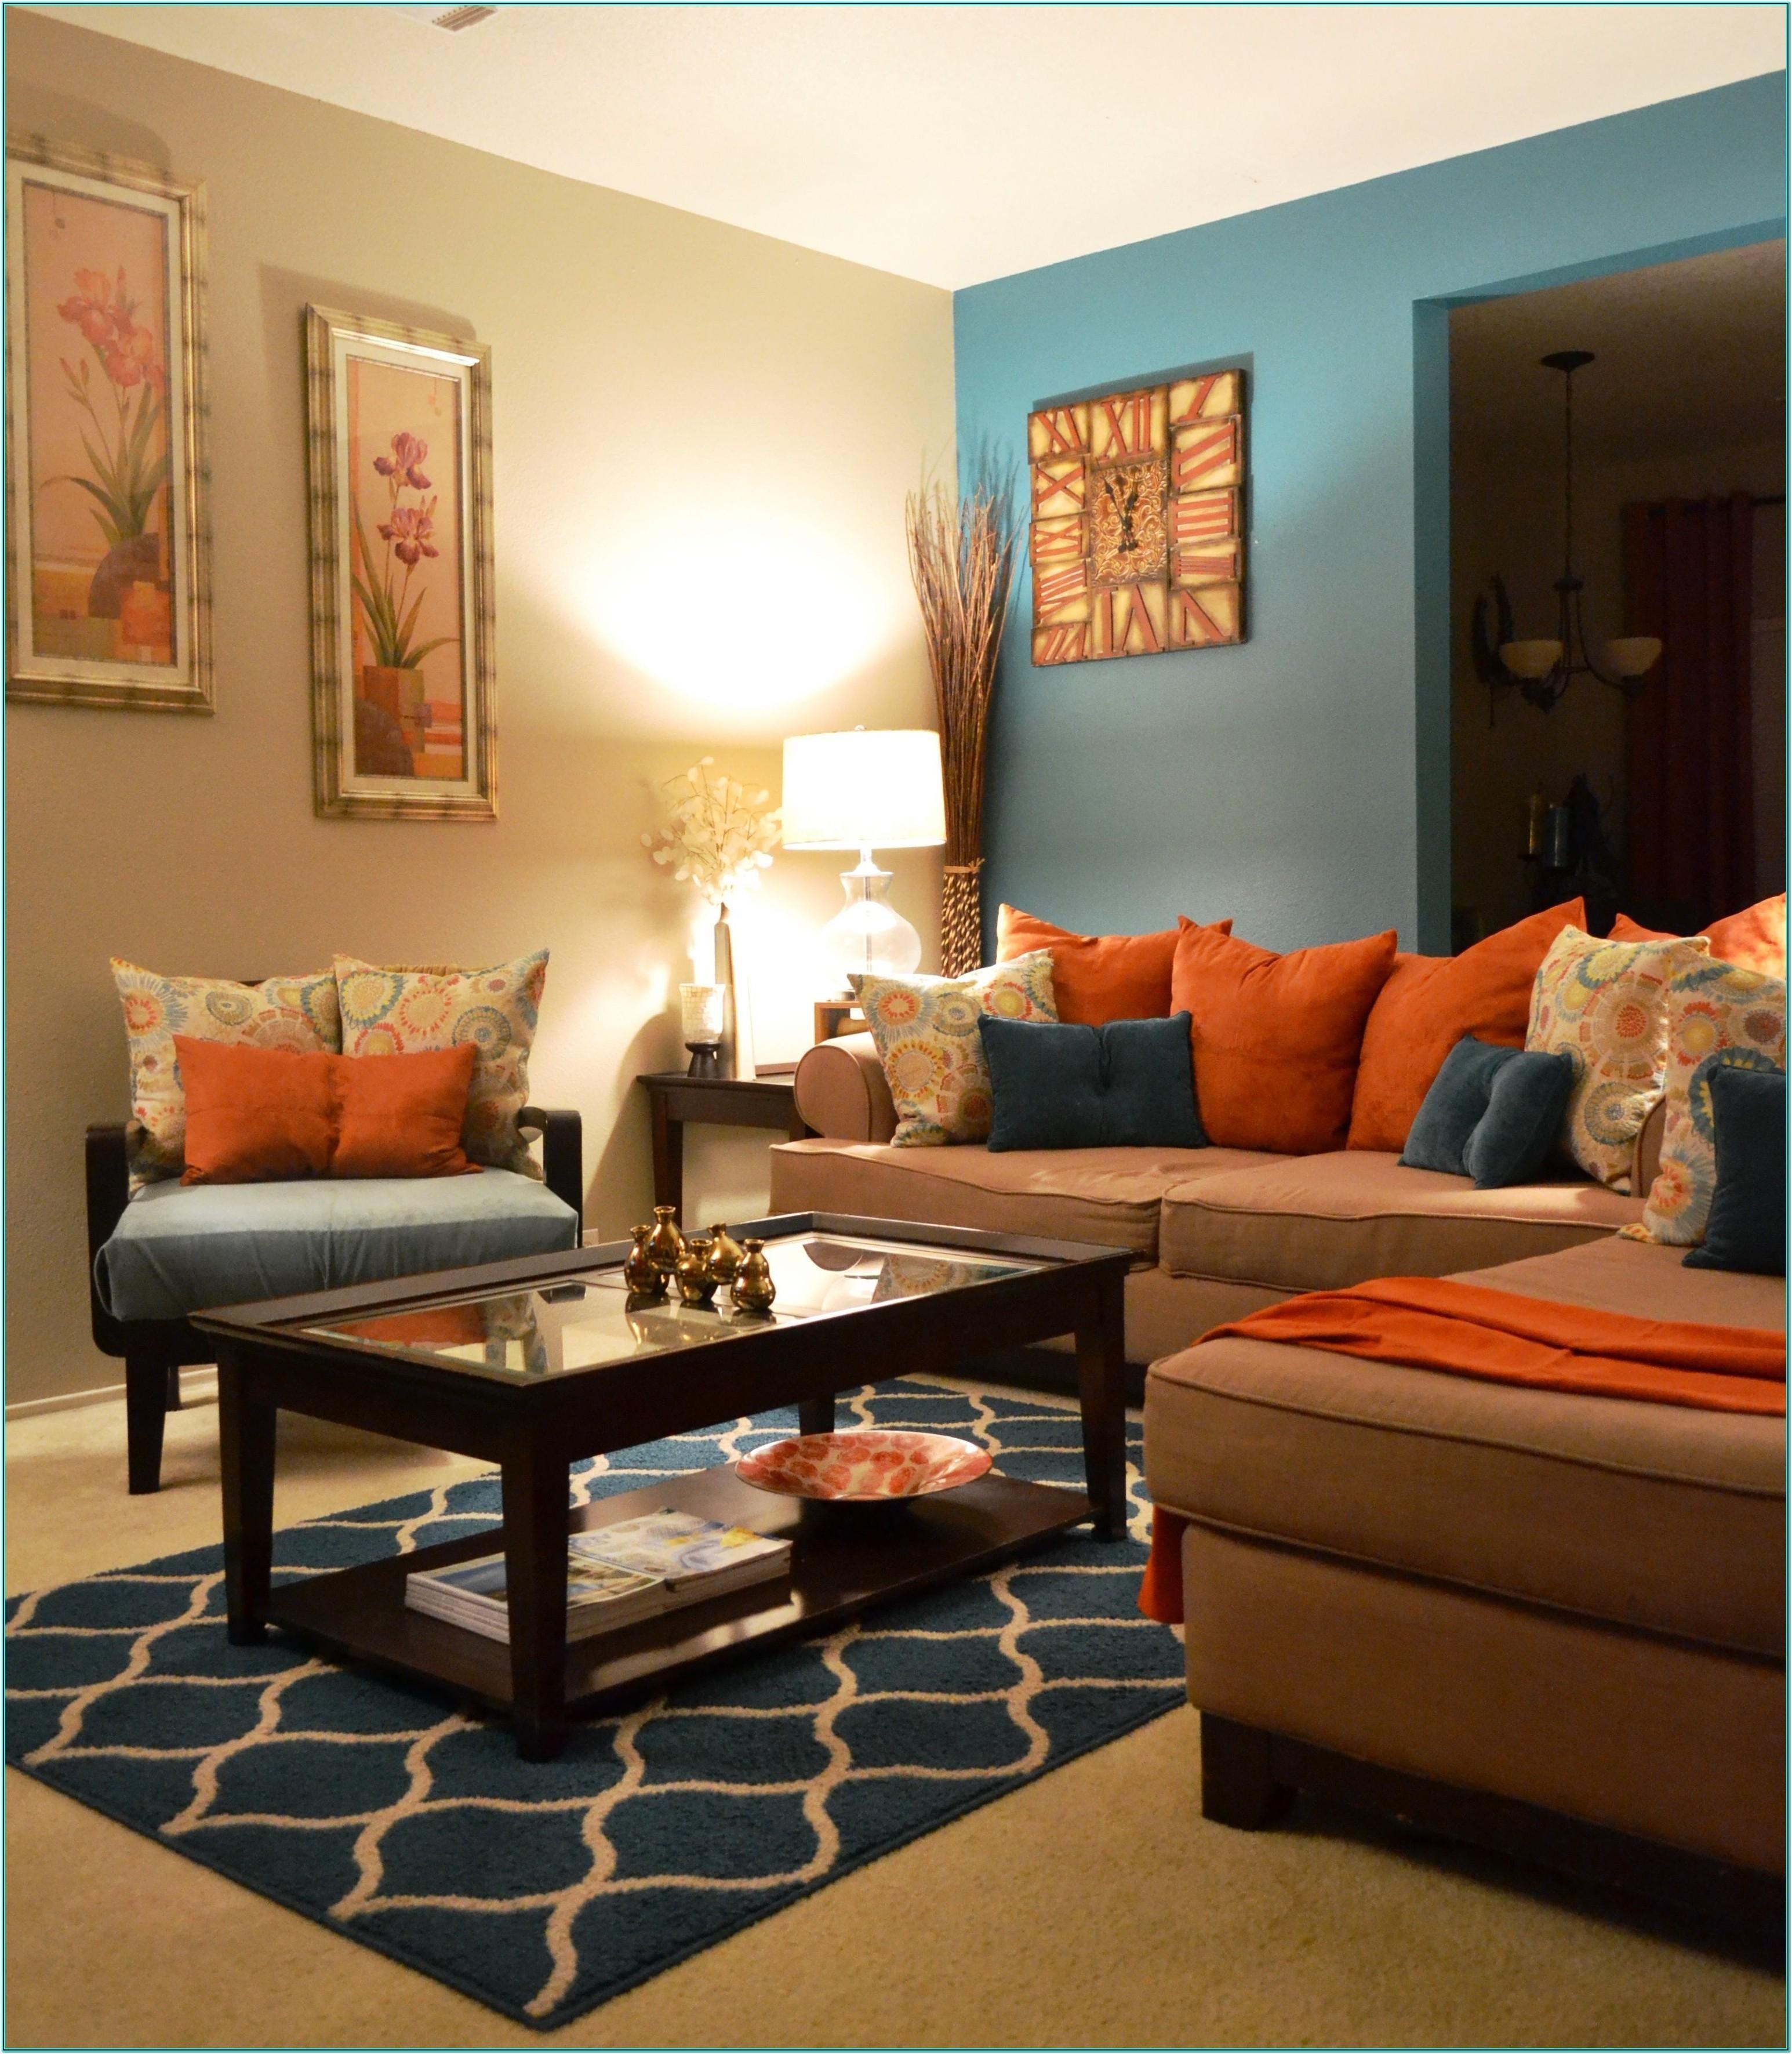 living room decor ideas blue and orangejoseph black